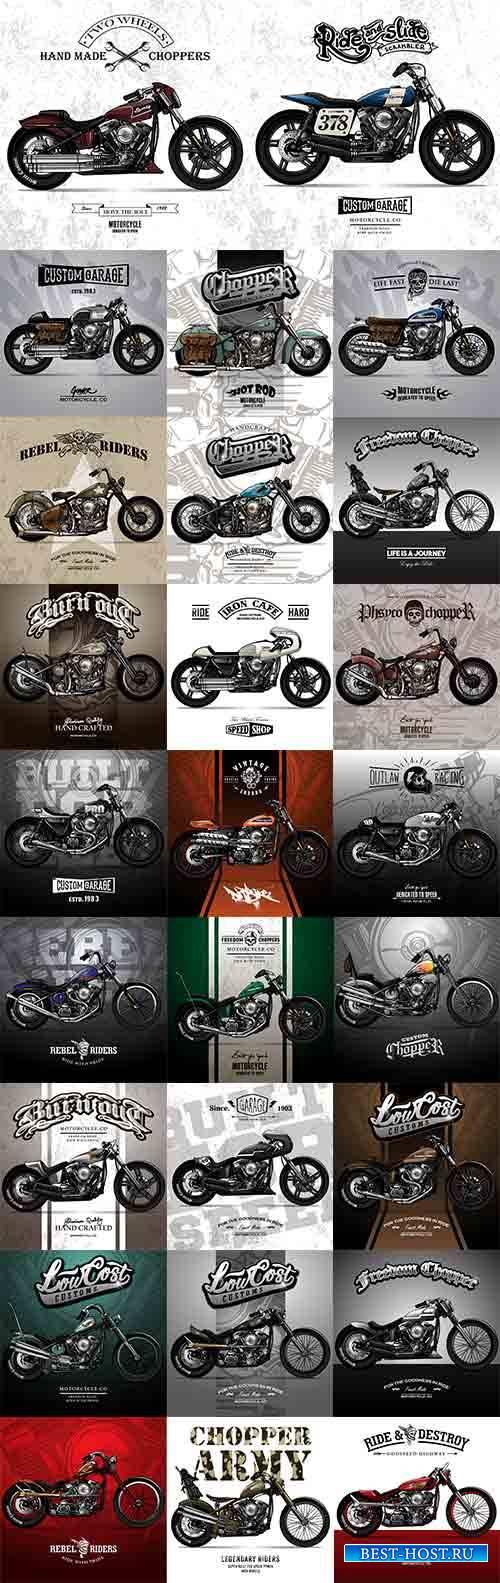 Мотоциклы - Векторный клипарт / Motorcycles - Vector Graphics